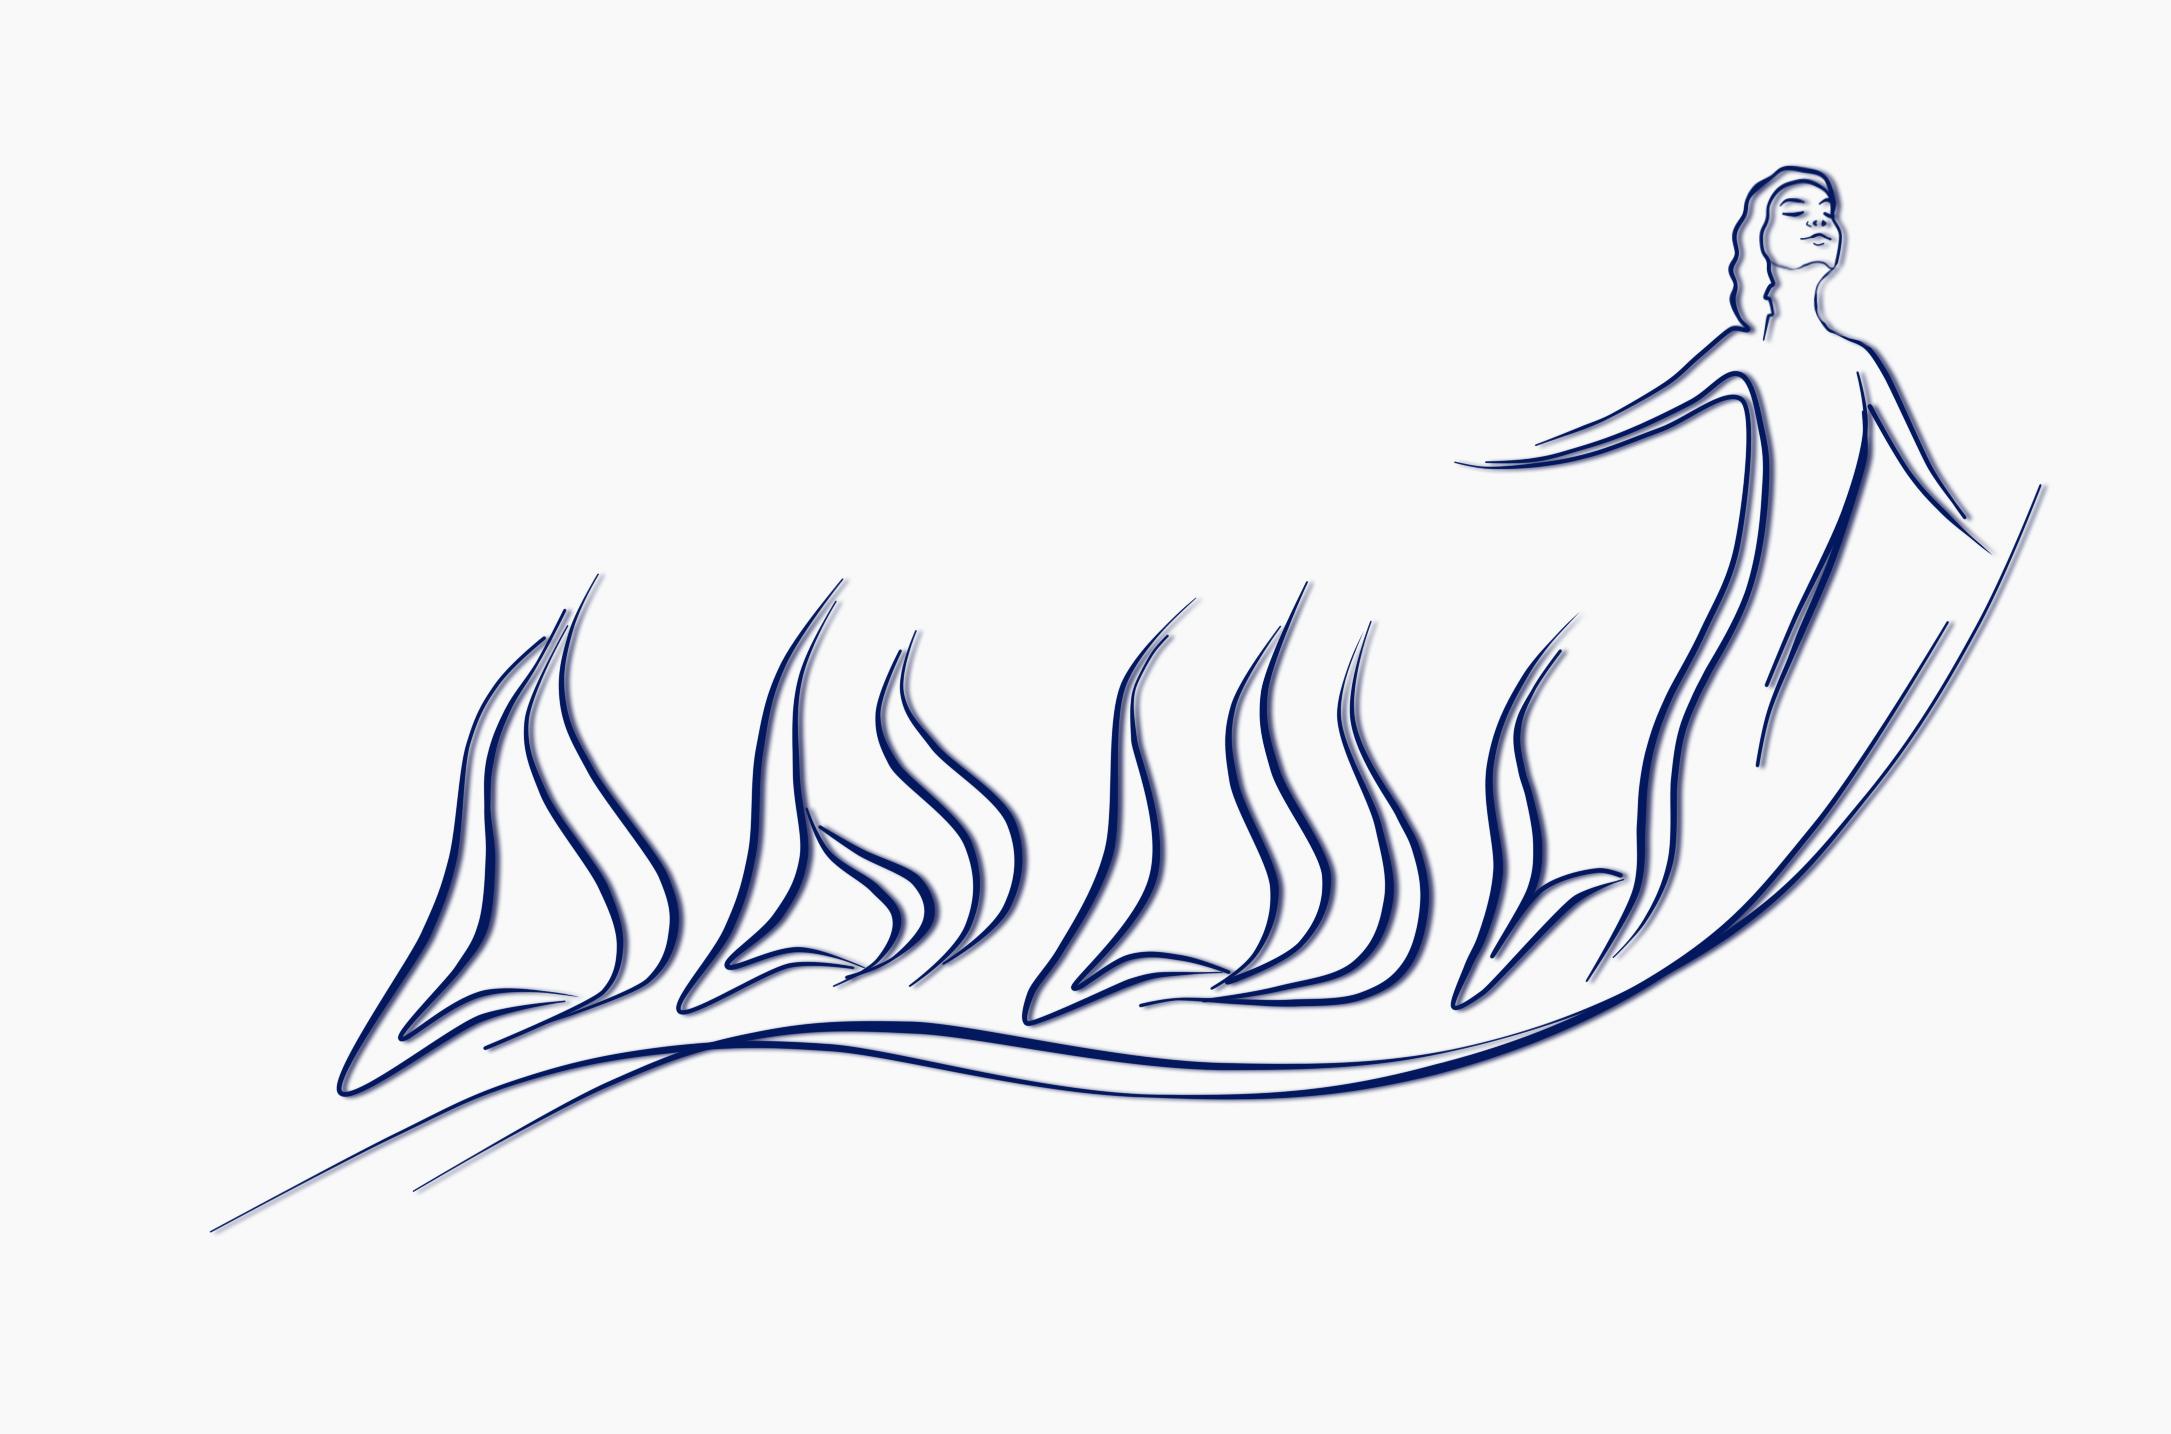 """Логотип для студии """"Дыши""""  и фирменный стиль фото f_93756fcda1ac058a.jpg"""